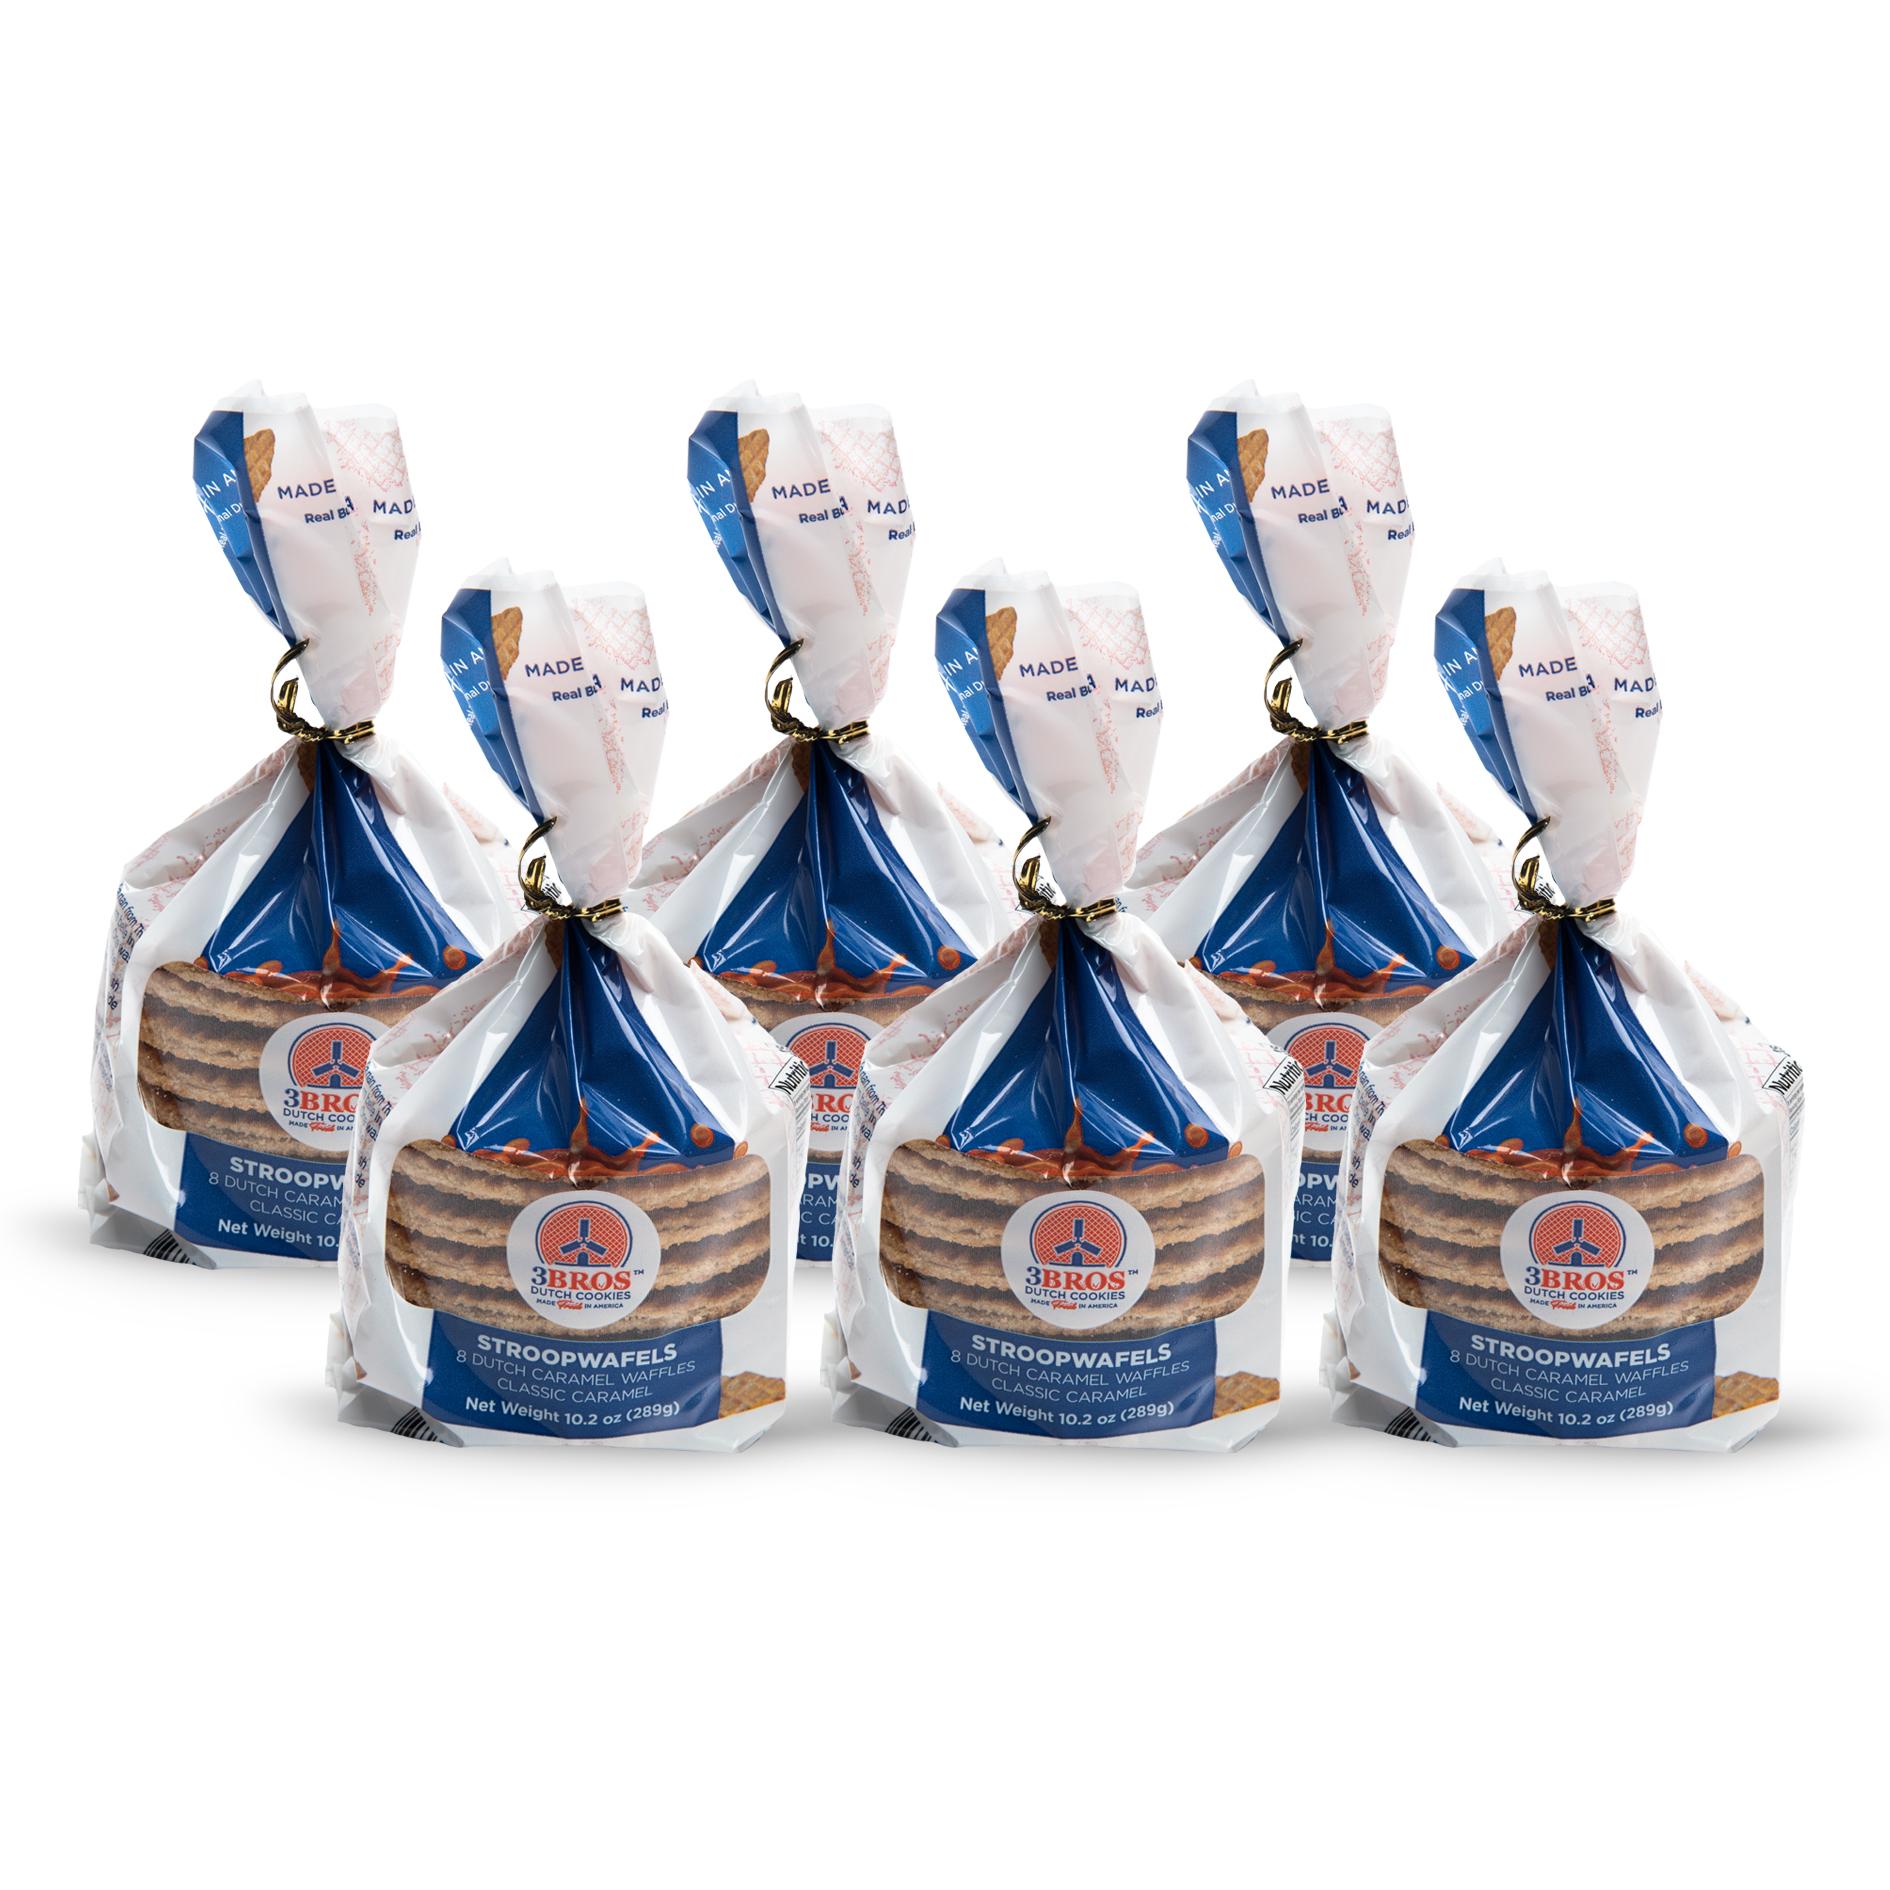 Case of 6 3Bros Stroopwafel 8-packs